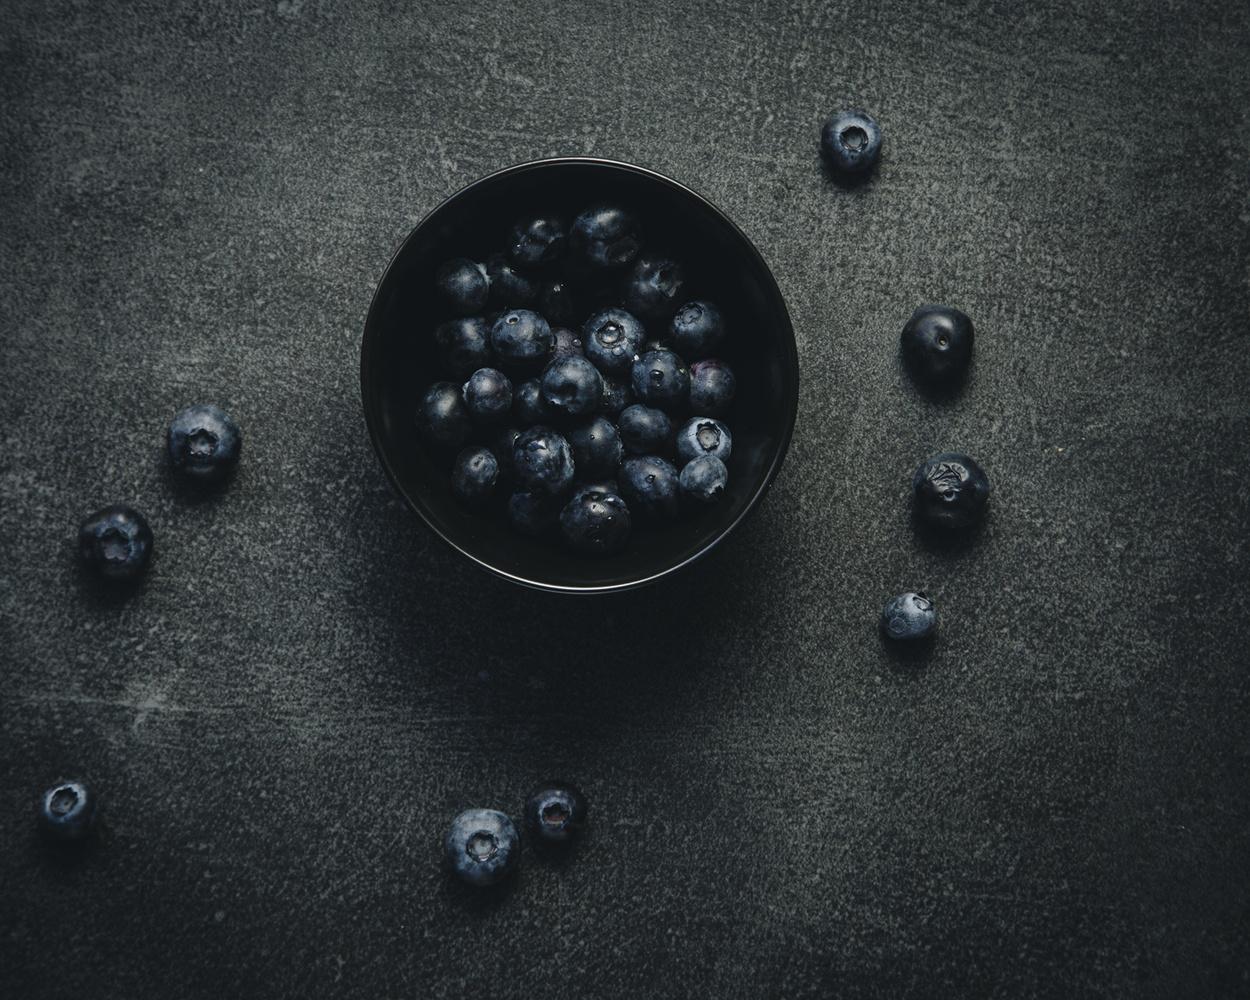 Blackberries, 2018 by Sander van der Veen